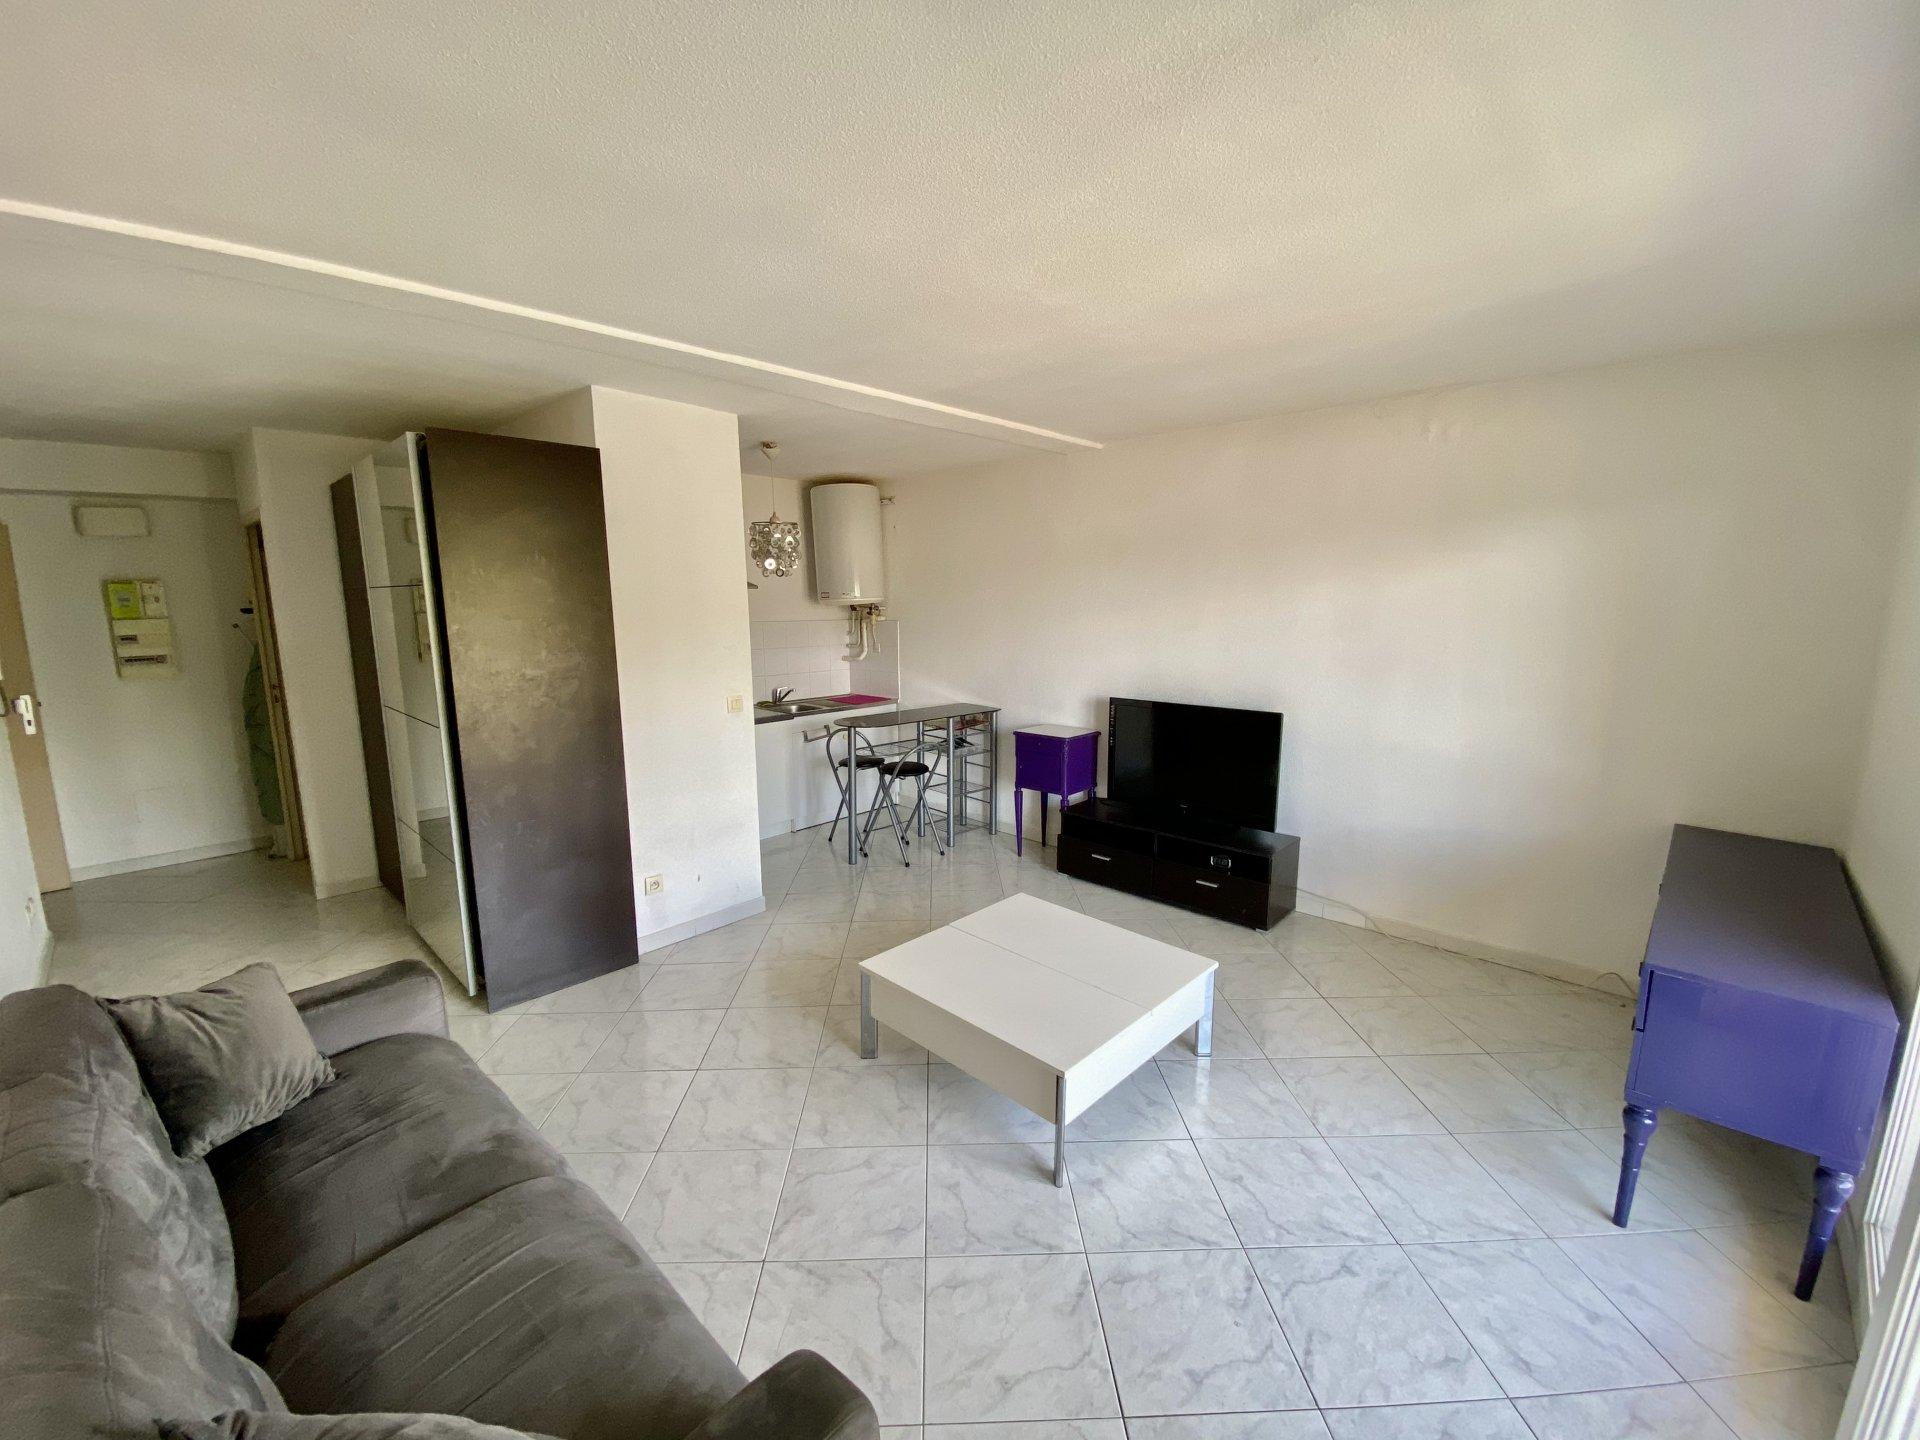 Verkauf Wohnung - Nizza (Nice) Fabron